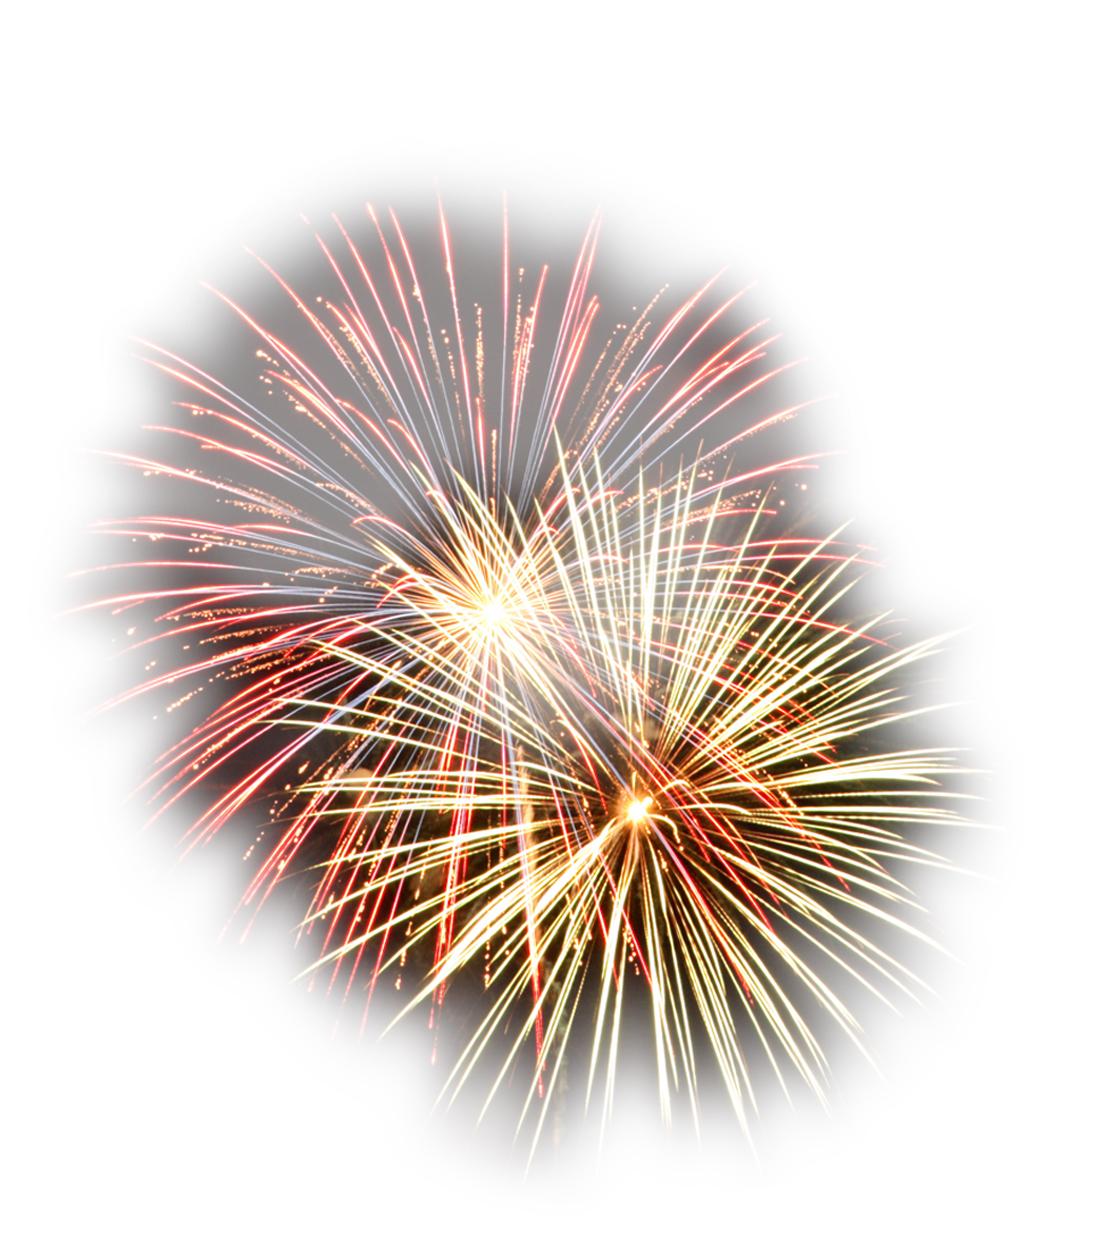 Clipart fireworks black background. Png images transparent free